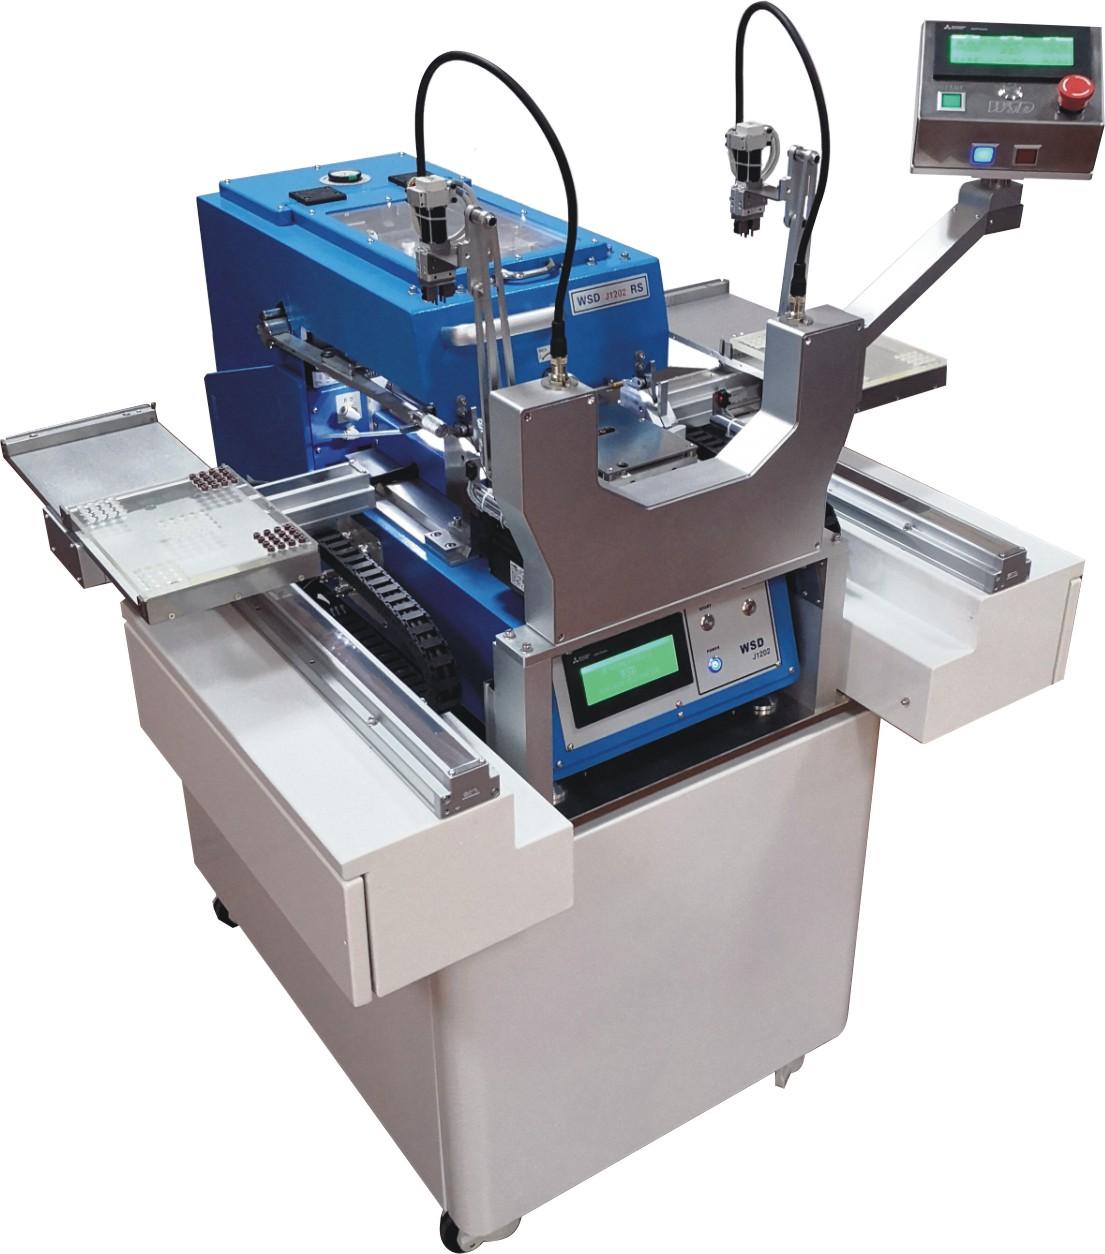 J3201全自動厚膜印刷機